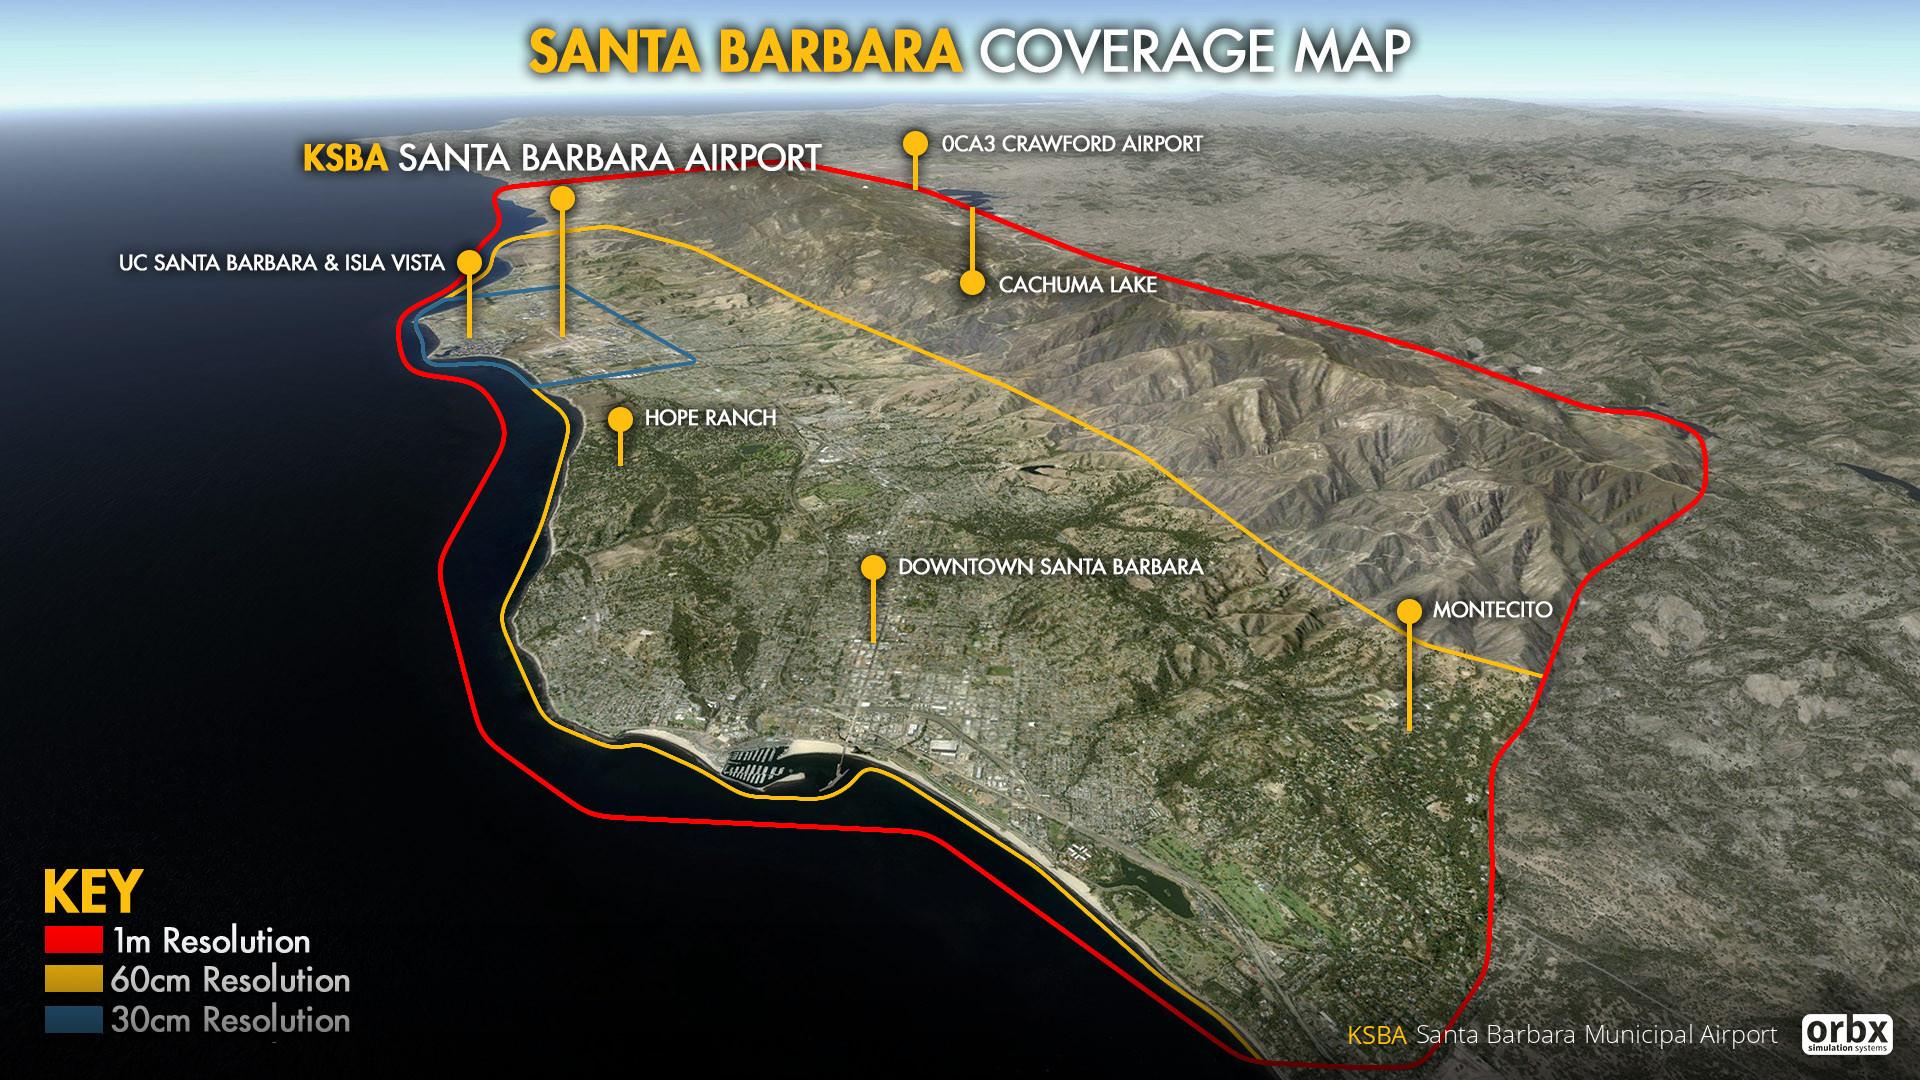 KSBA Santa Barbara Municipal Airport